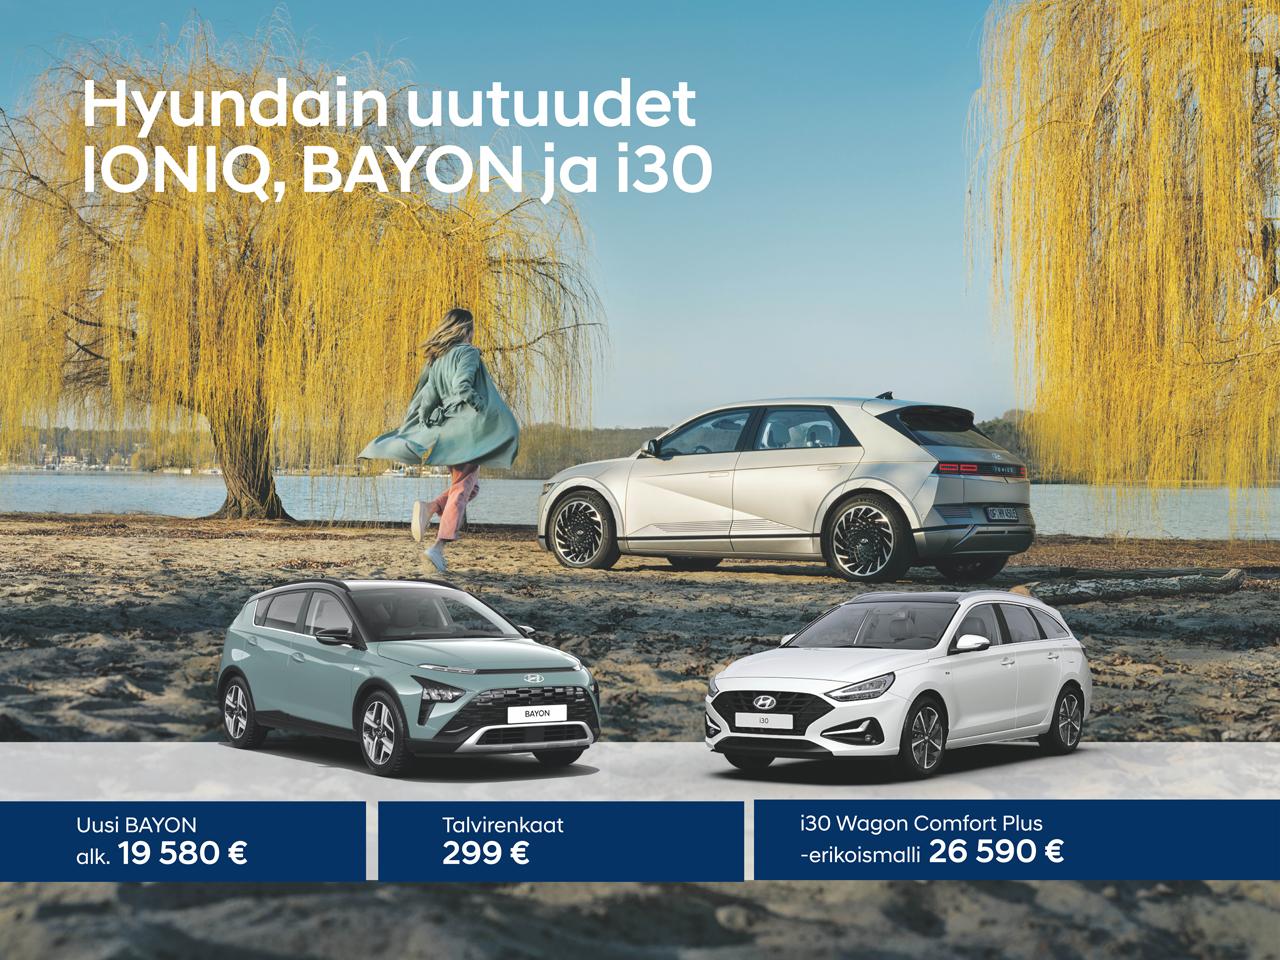 Tervetuloa tutustumaan Hyundain uutuuksiin